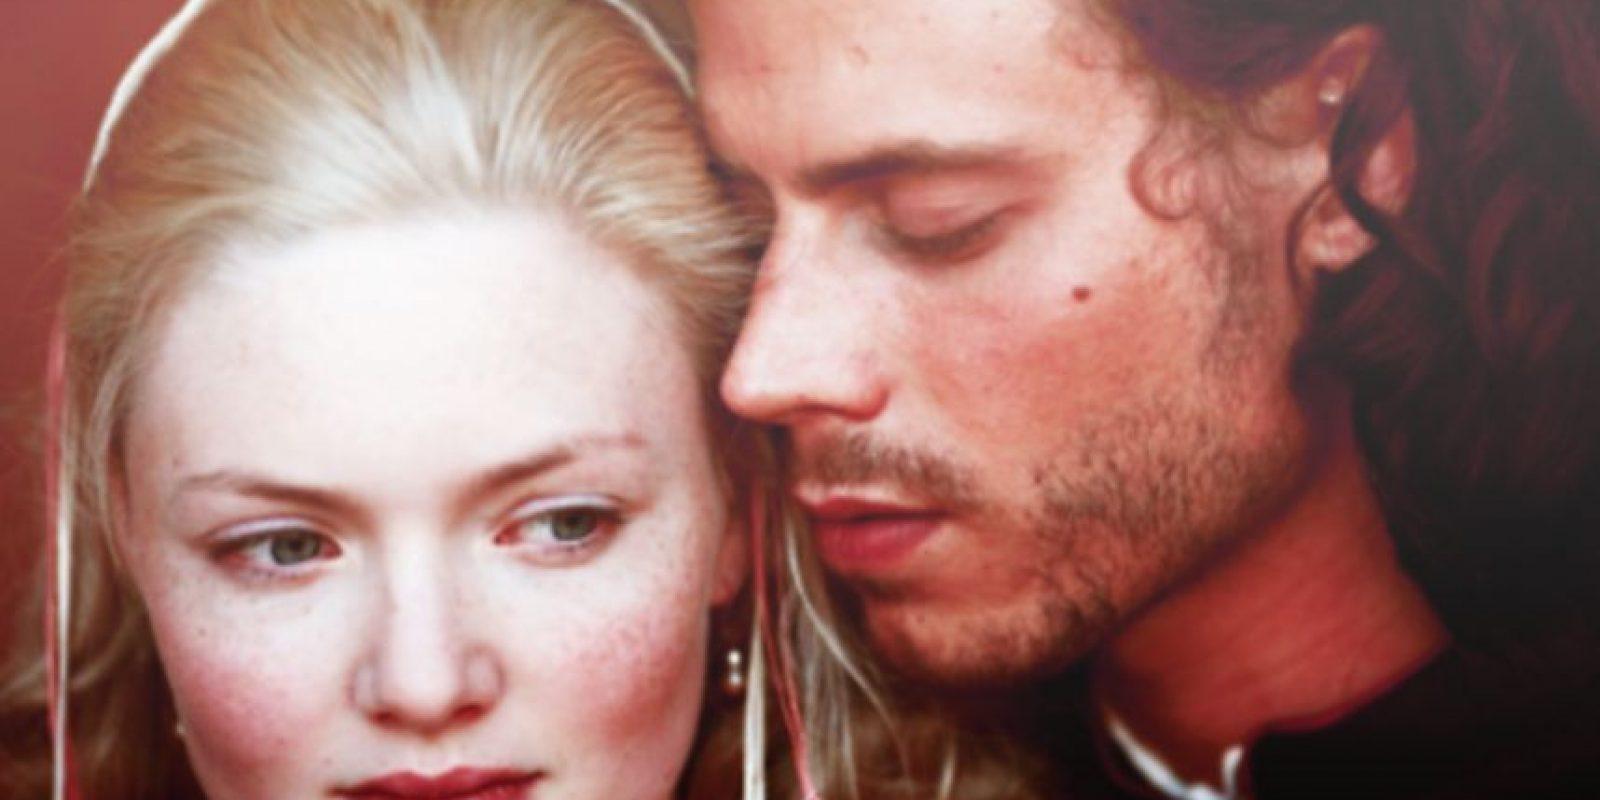 Siempre se sospechó de su relación incluso en fuentes históricas. Foto:vía Showtime. Imagen Por: